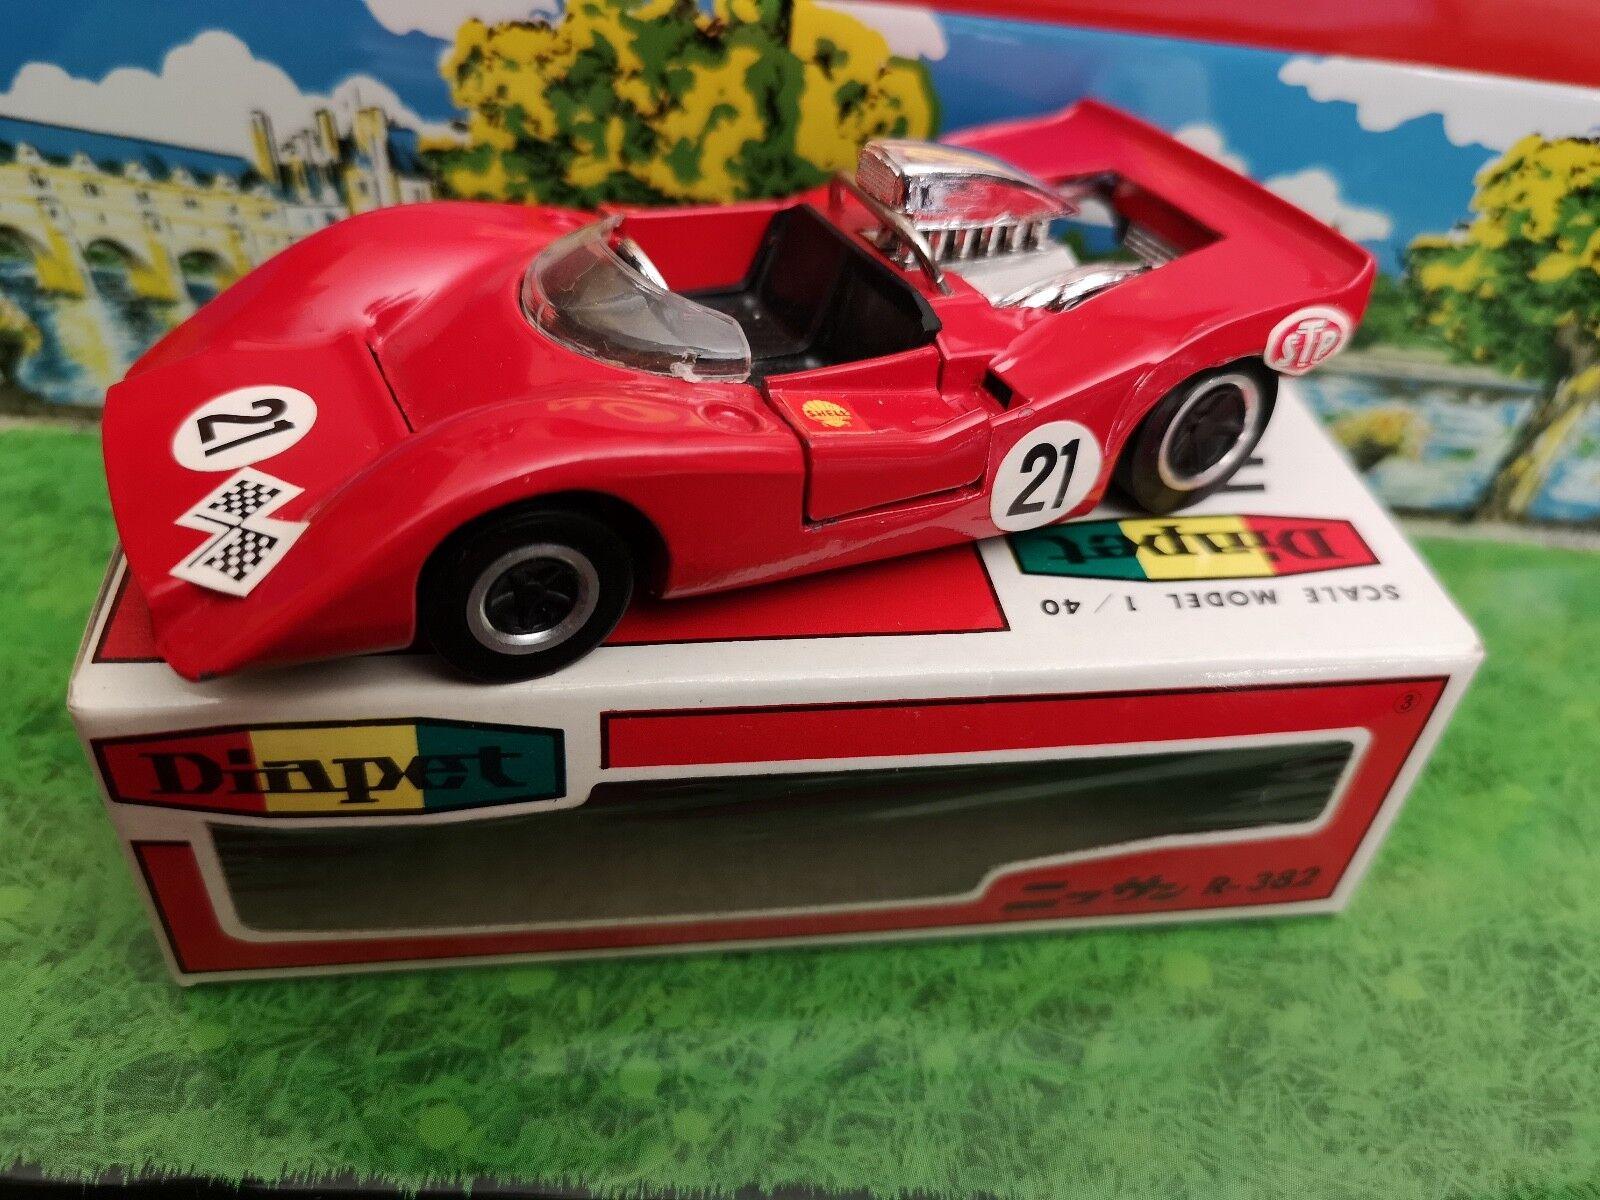 Vintage diapet yonezawa nissan r 382 1 40 red mint in box